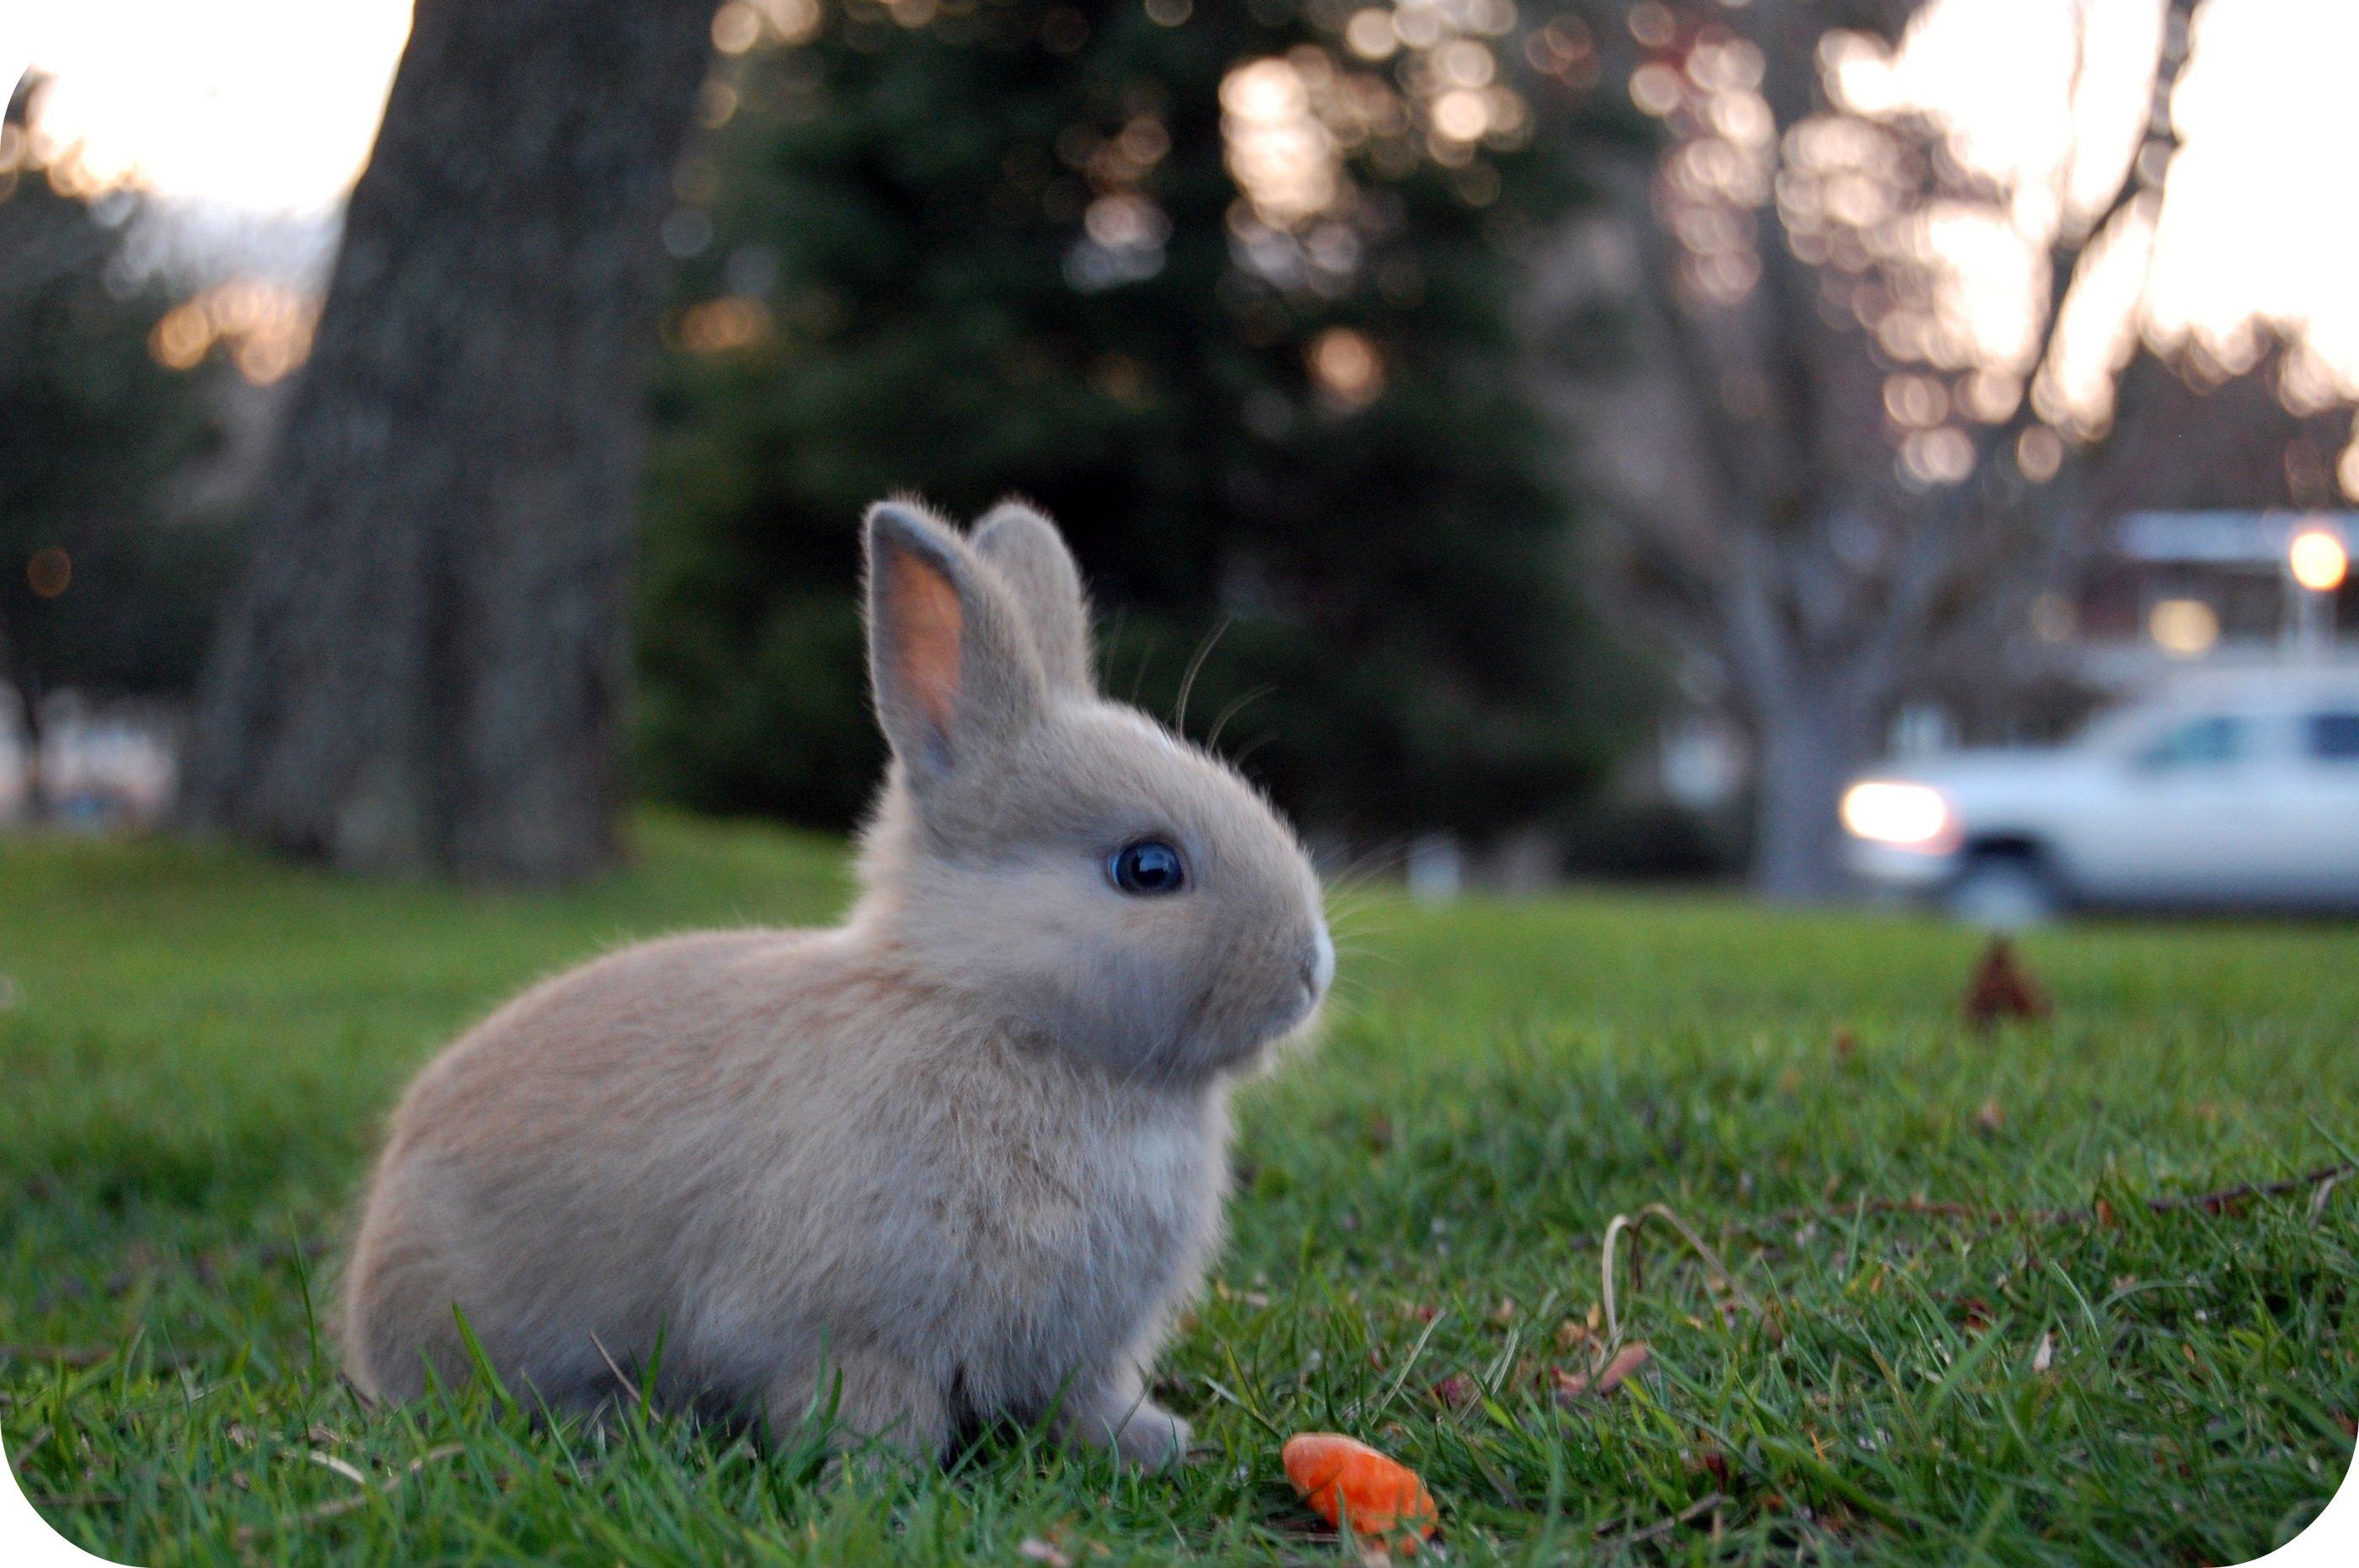 турка фото зайчика красивые призываю вас использовать